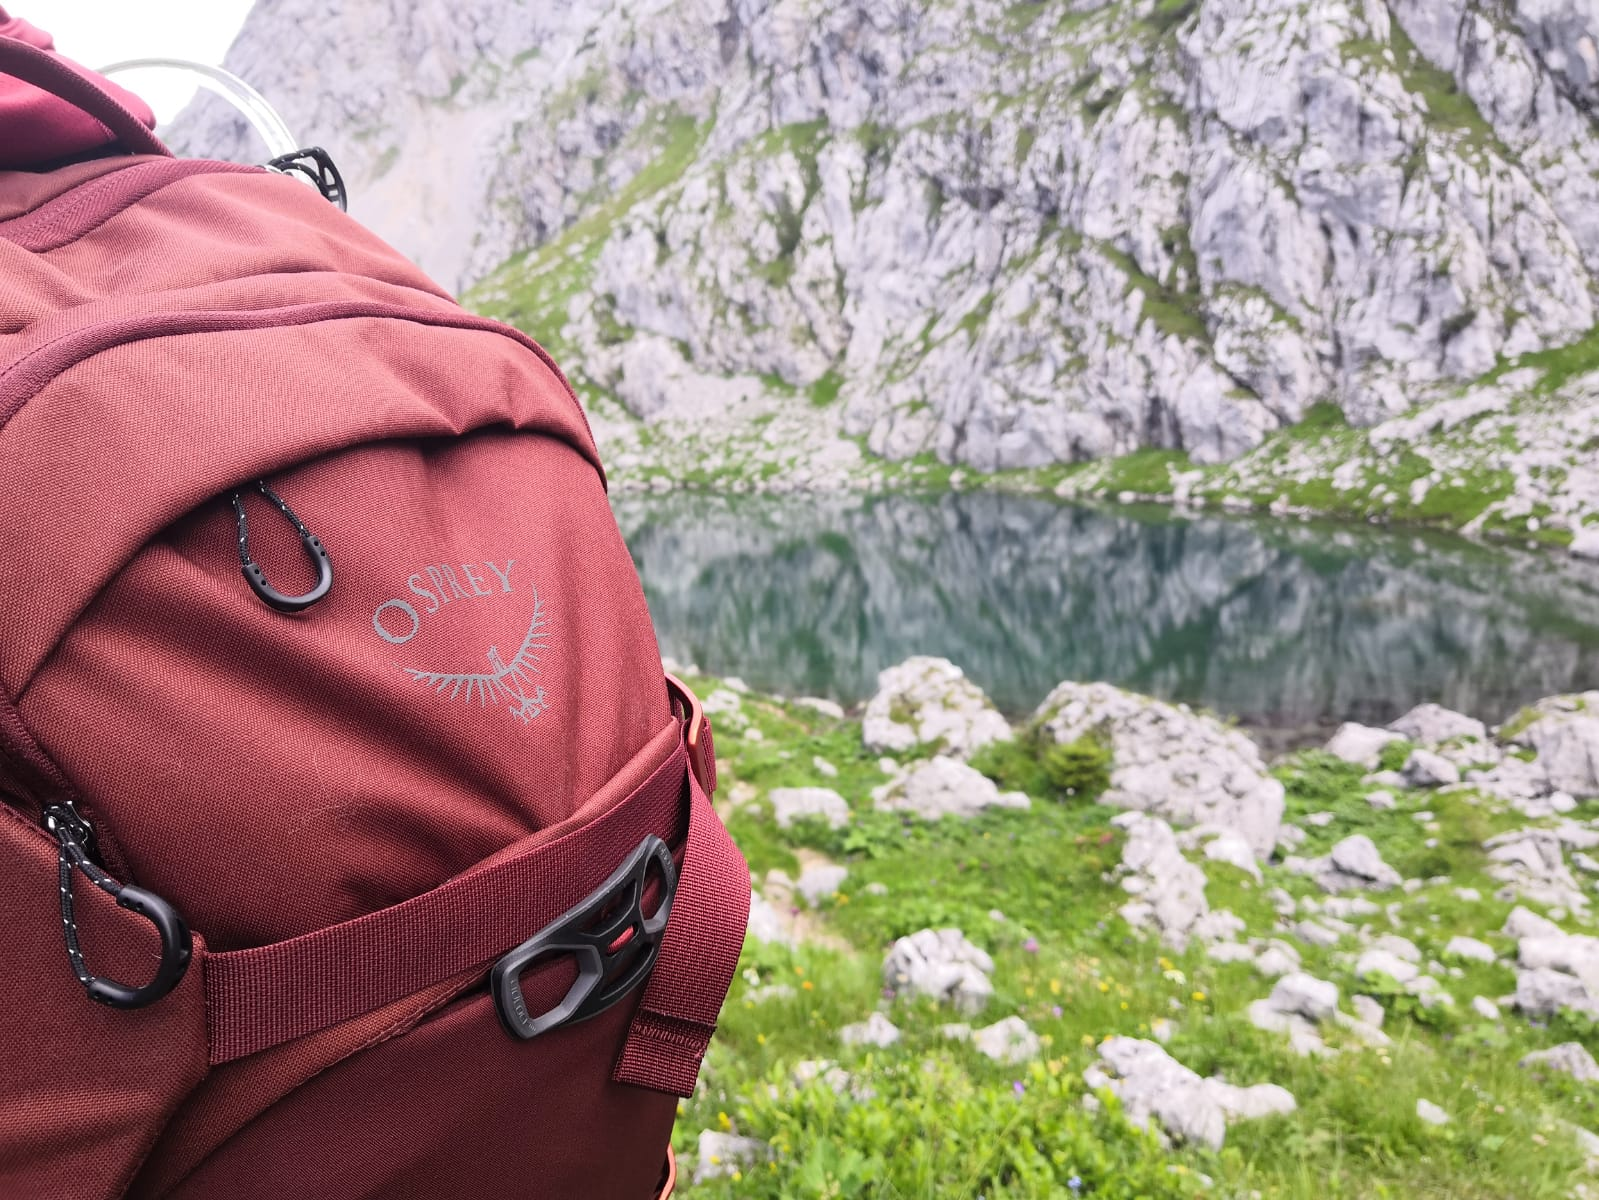 Bergtour durch die Berchtesgadener Alpen mit dem Metron von osprey